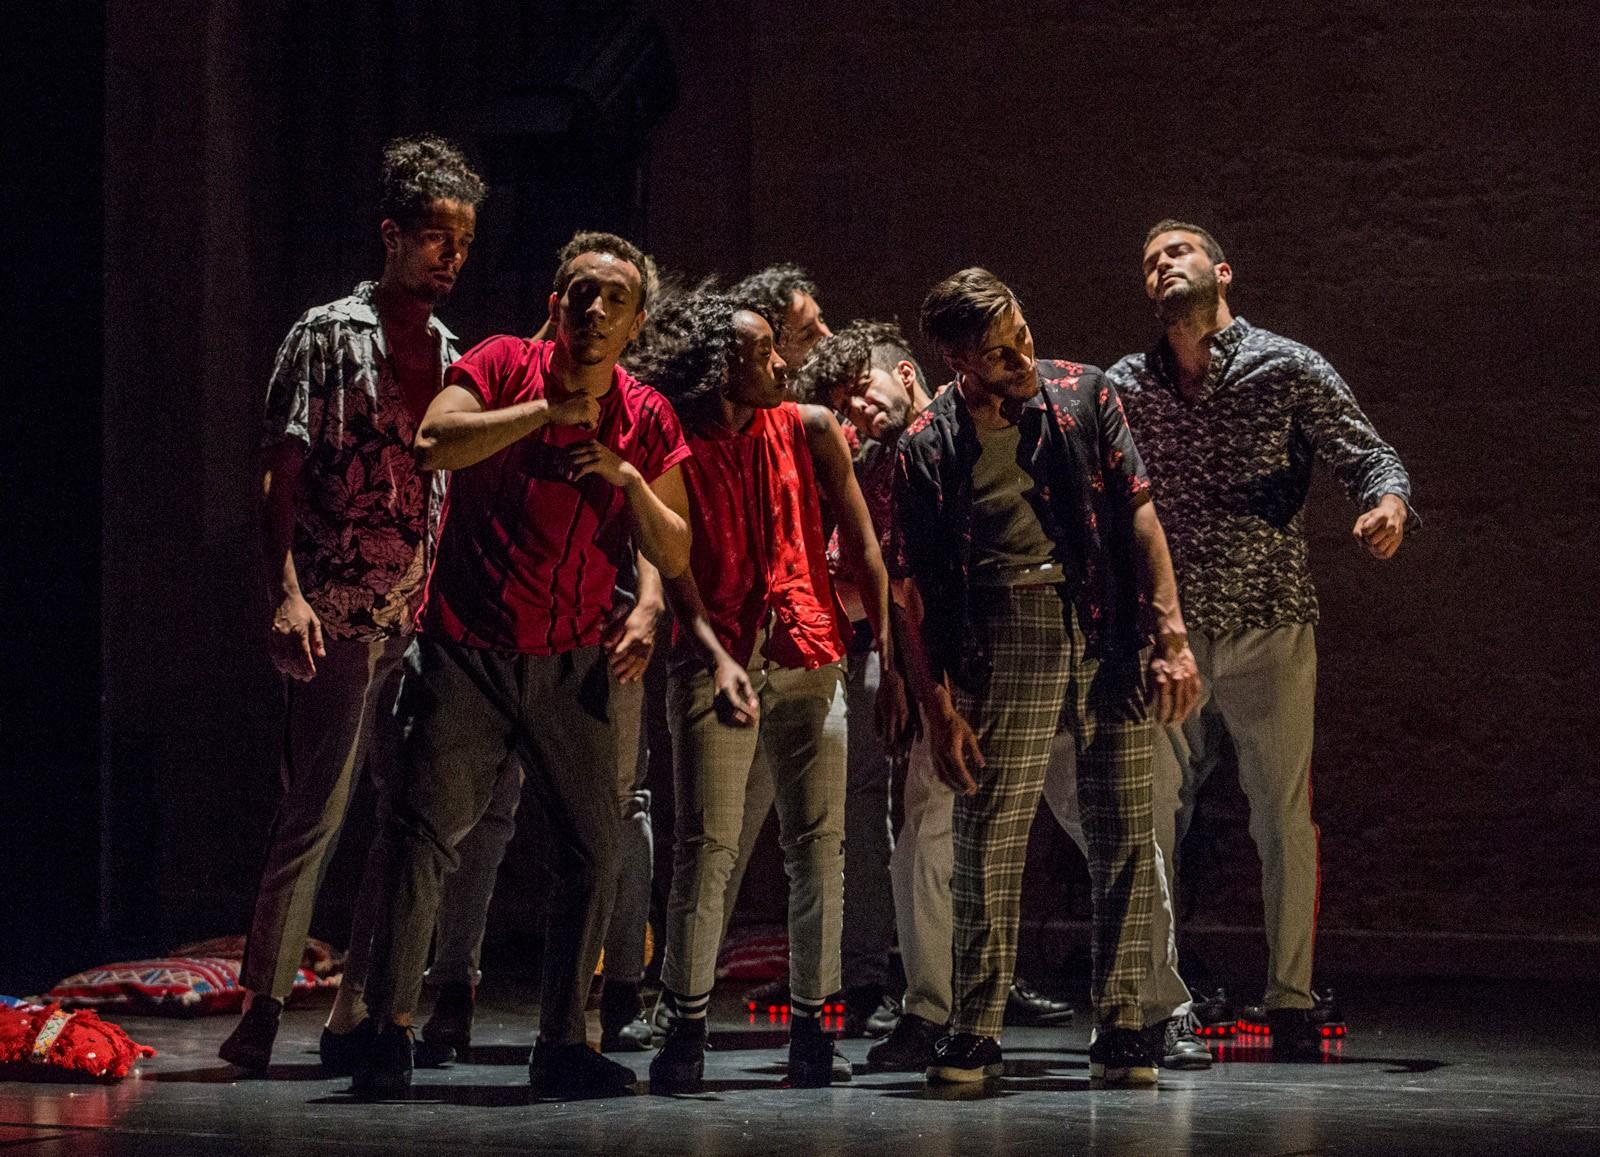 Danse Focus Mourad Merzouki + Kader Attou, Danser Casa